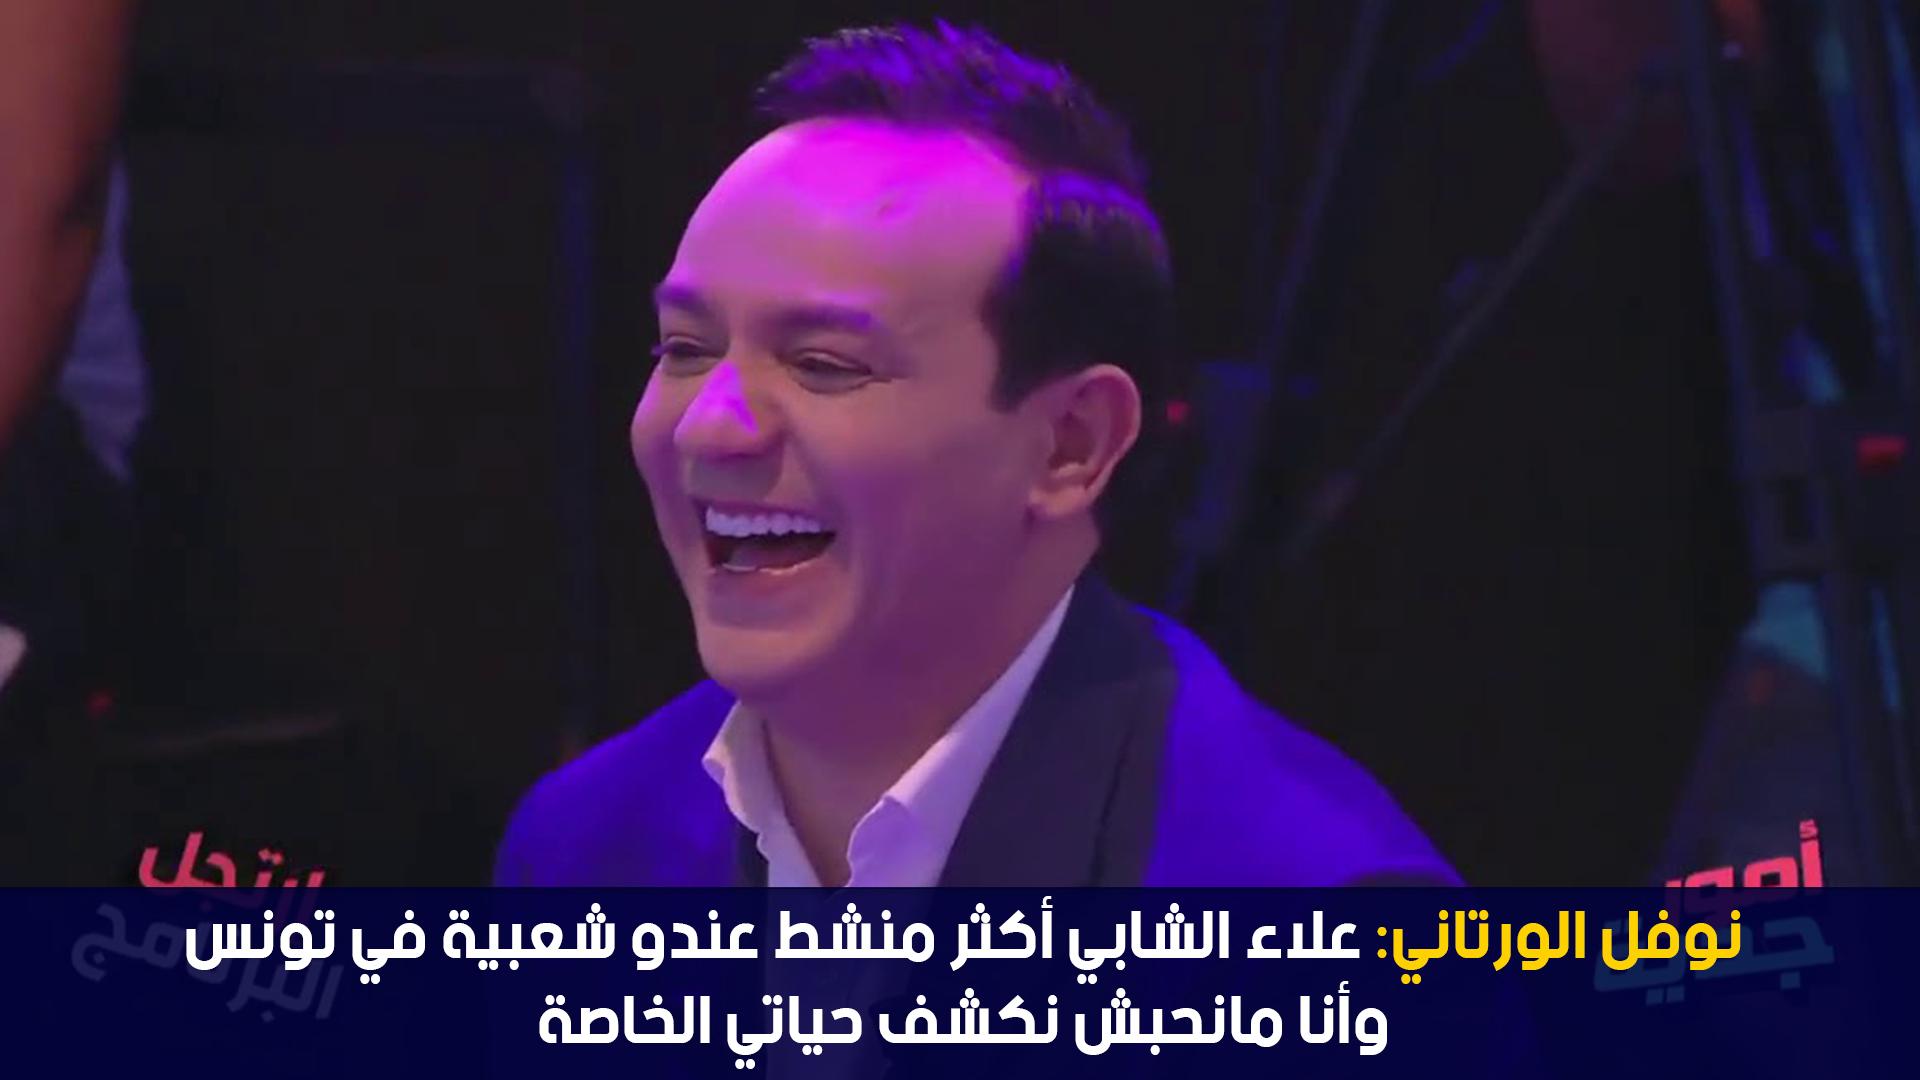 نوفل الورتاني: علاء الشابي أكثر منشط عندو شعبية في تونس وأنا مانحبش نكشف حياتي الخاصة